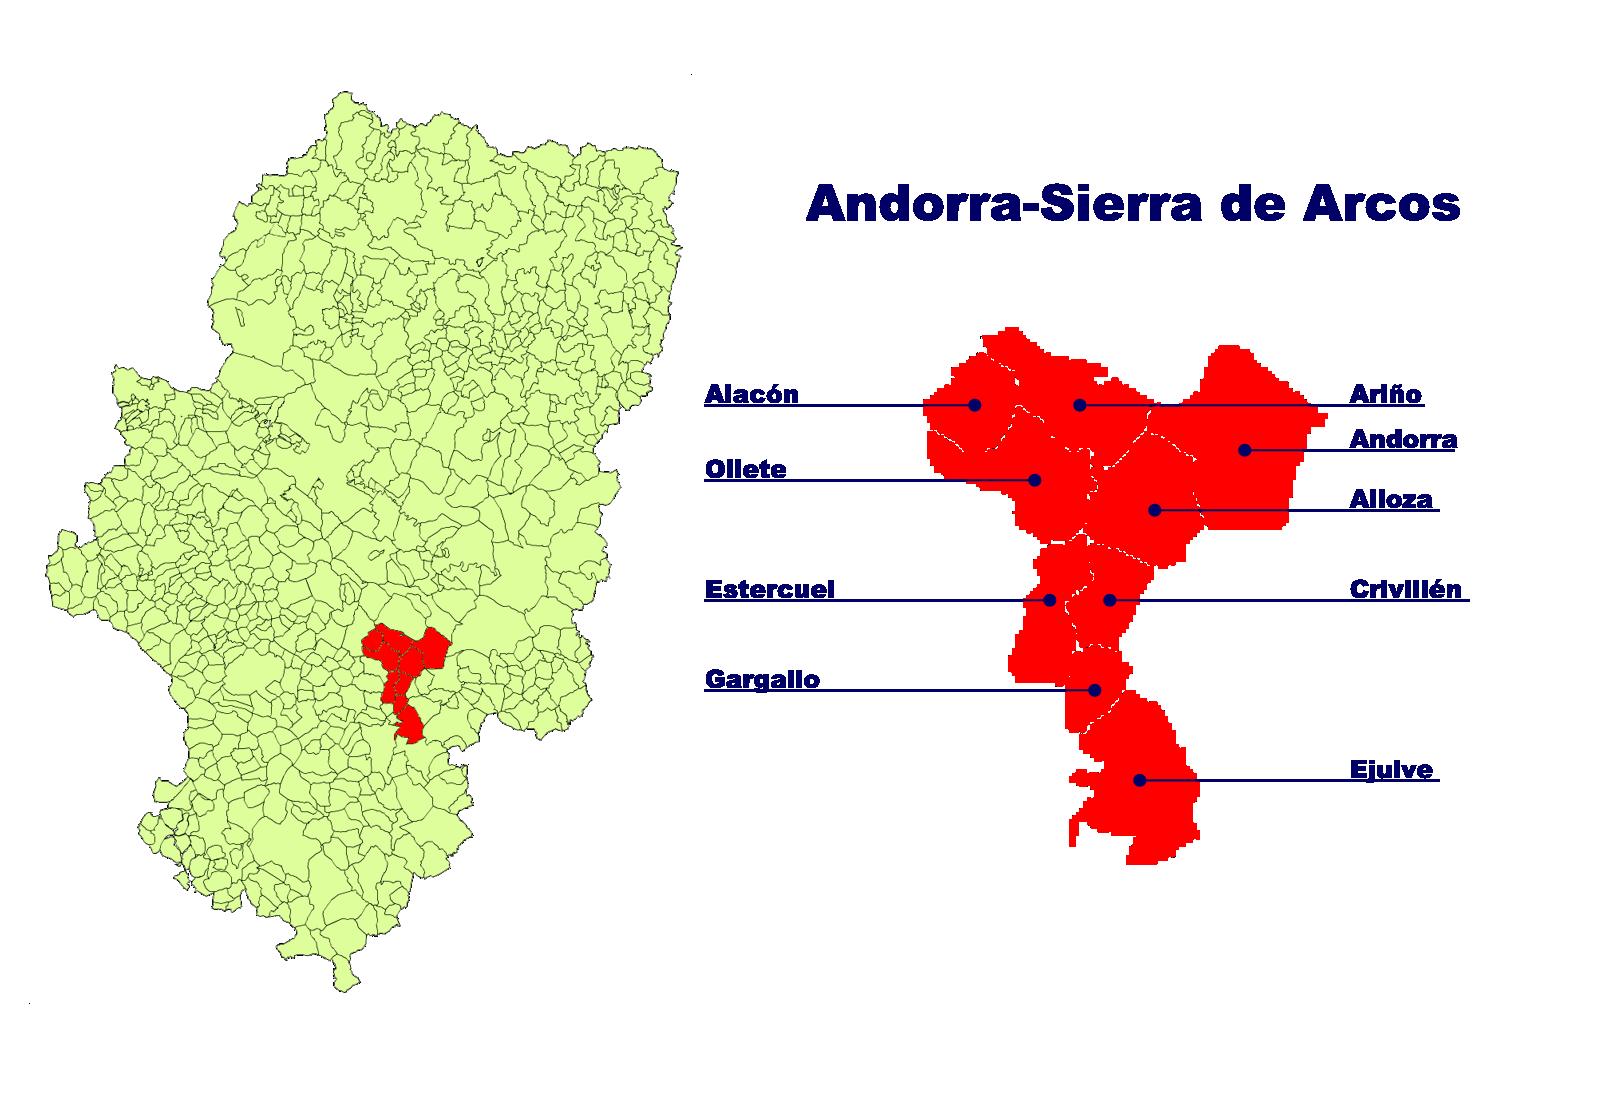 Depiction of Andorra-Sierra de Arcos